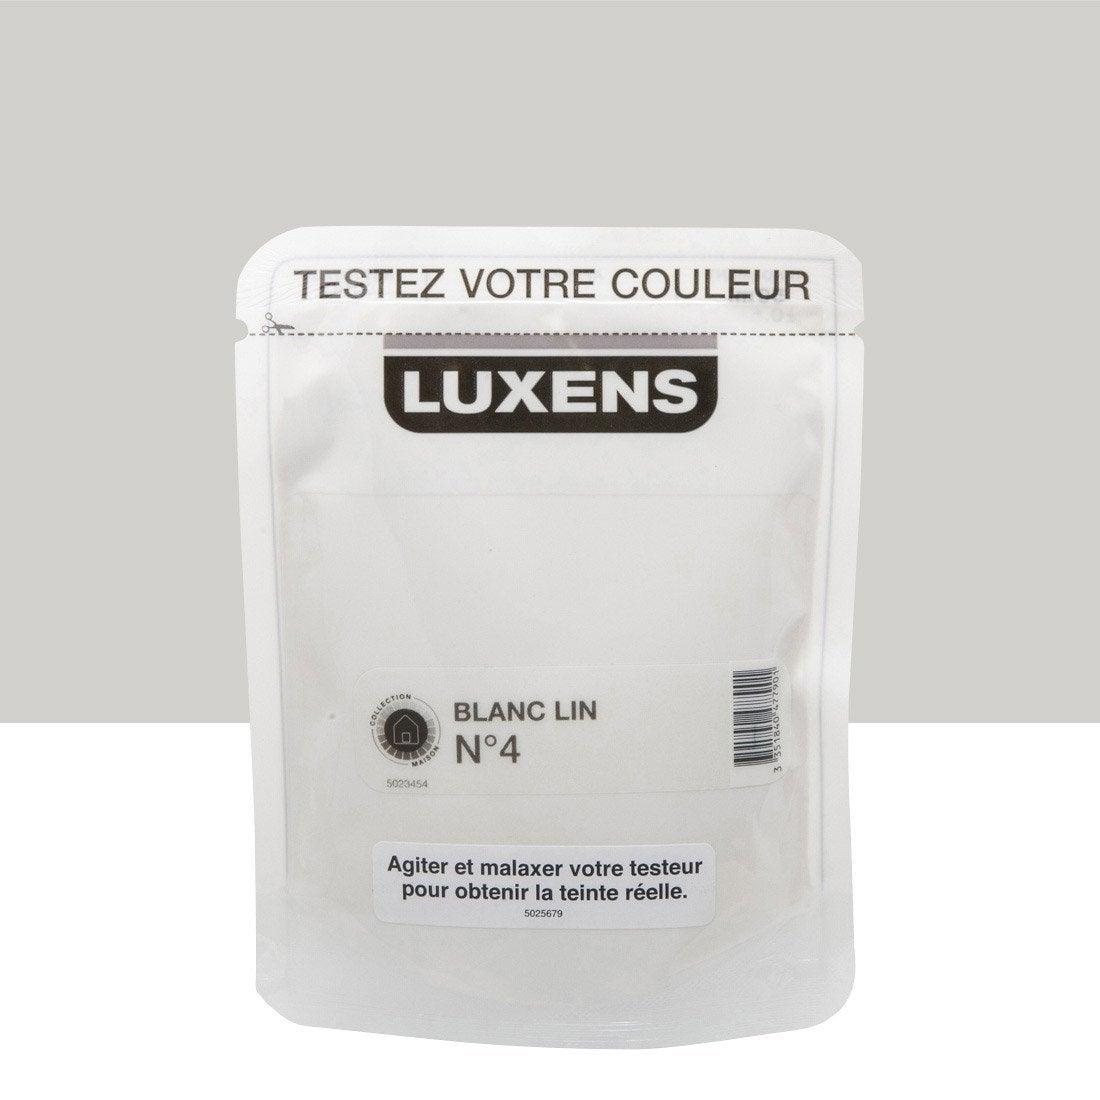 testeur peinture blanc lin 4 luxens couleurs int rieures satin l leroy merlin. Black Bedroom Furniture Sets. Home Design Ideas